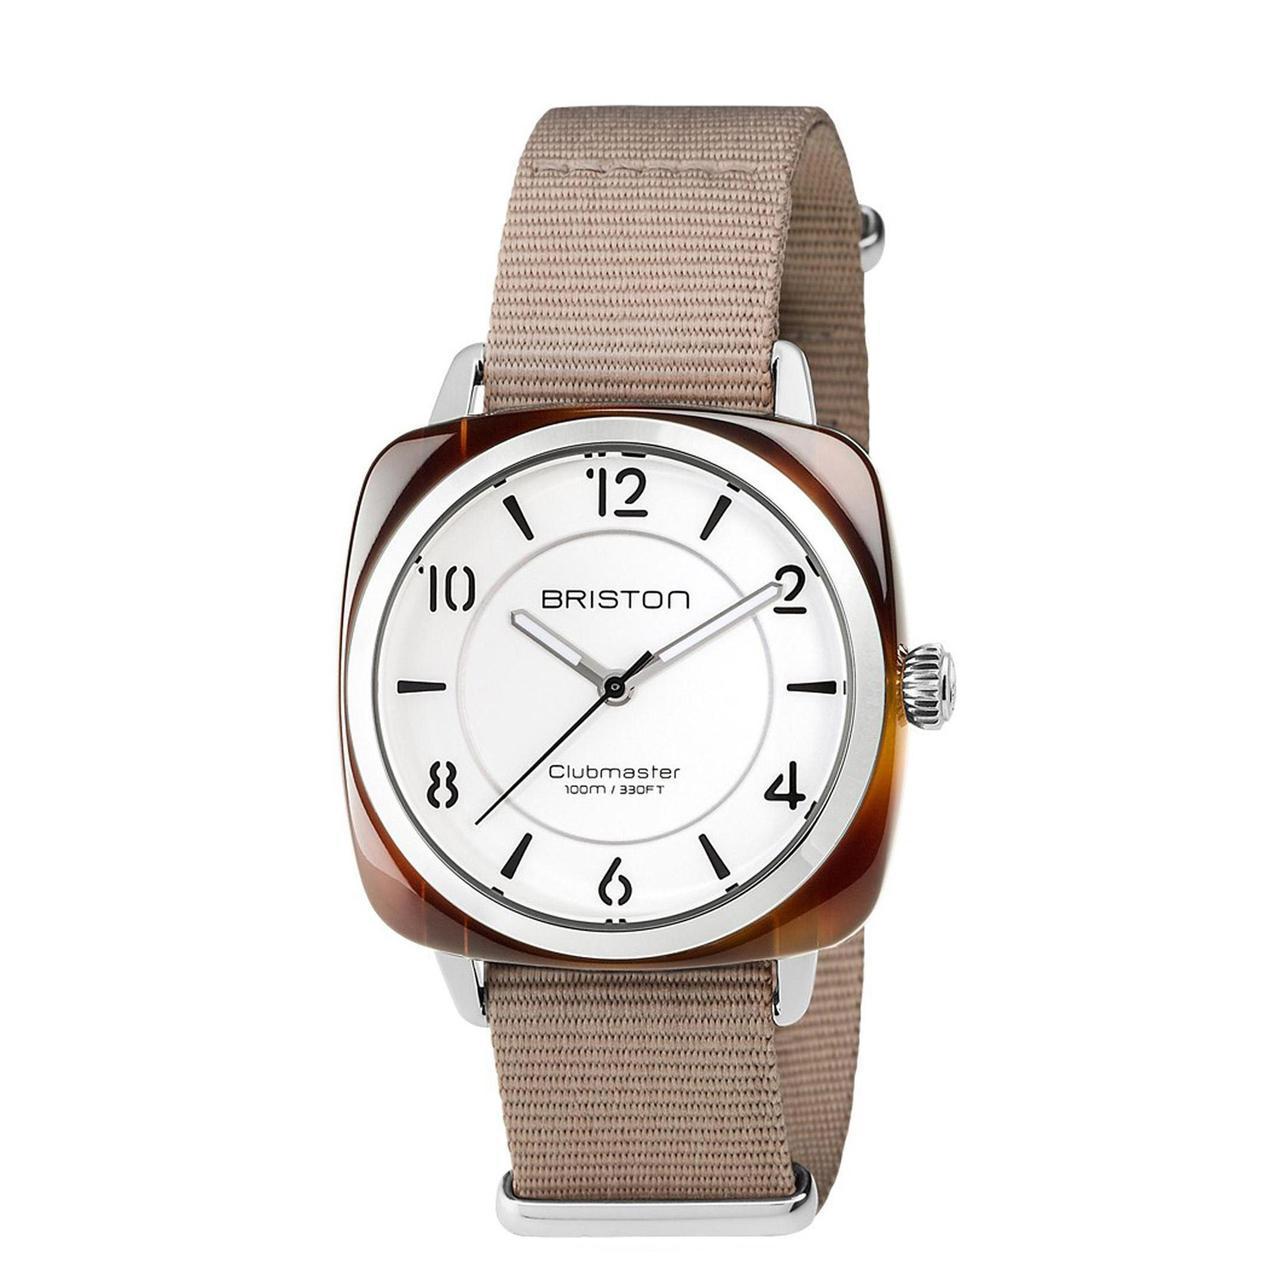 画像2: 今、ファッション関係者がぞっこん この腕時計知ってる?フランス発「ブリストン」 2万円台から買える、高級メゾンのクオリティ